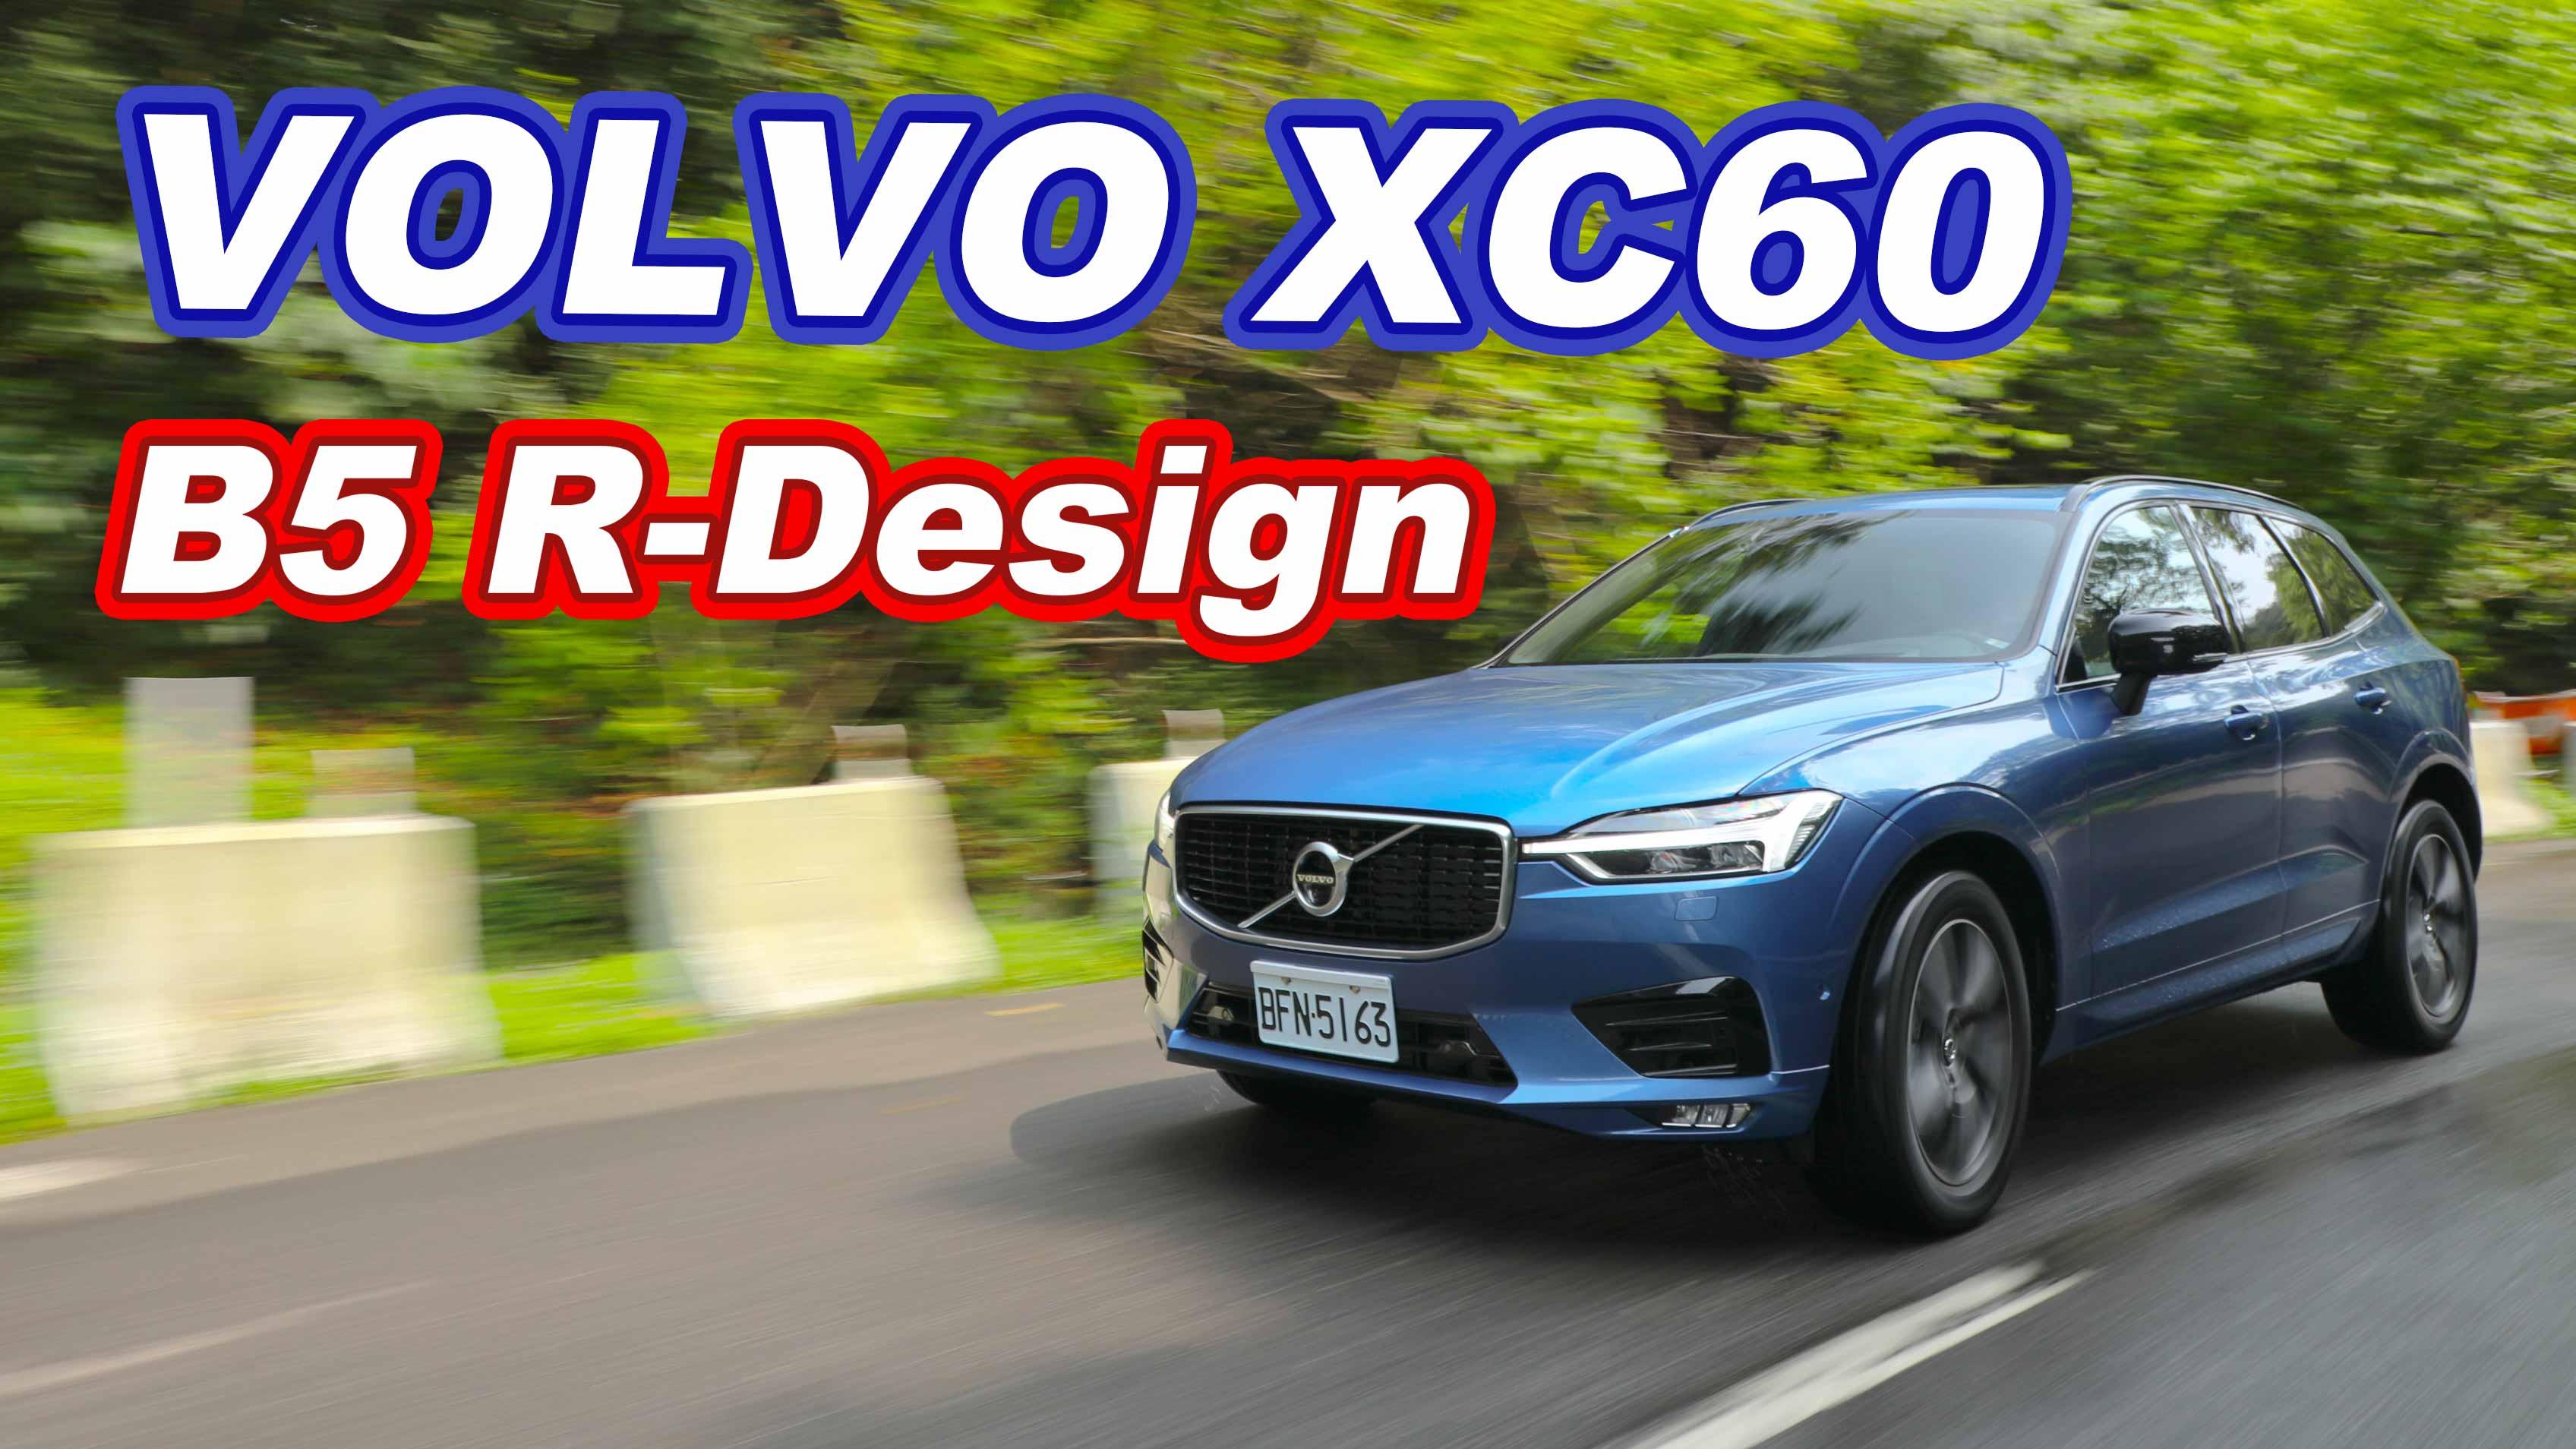 高效輕油電!綠能陣線更齊全 VOLVO XC60 B5 R-Design|新車試駕